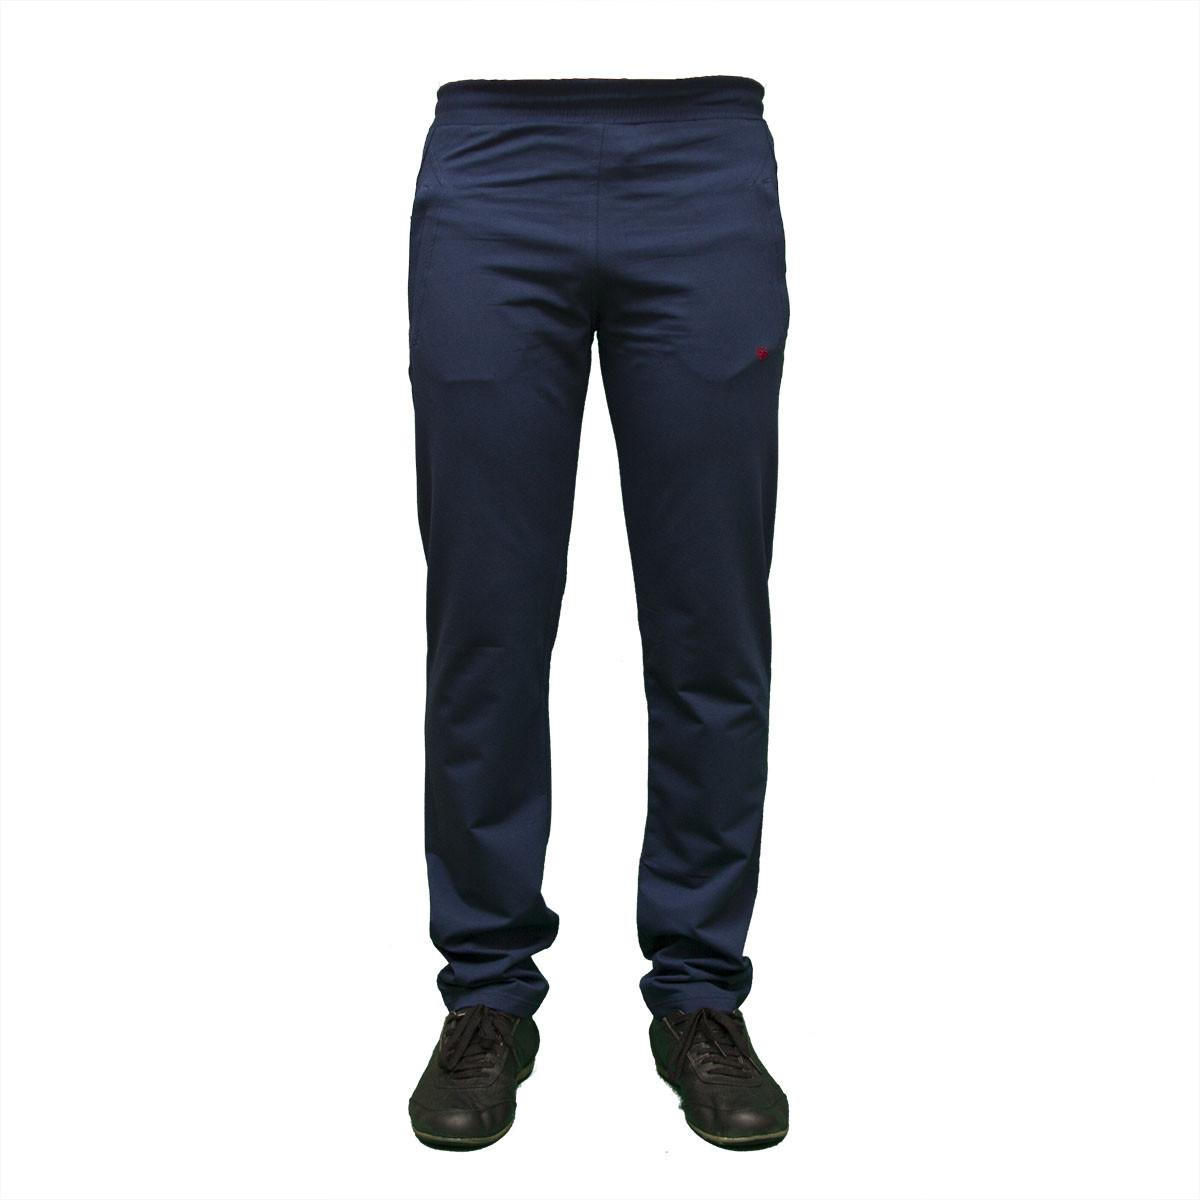 Зауженные мужские спортивные брюки Турция тм. PIYERA 126-4